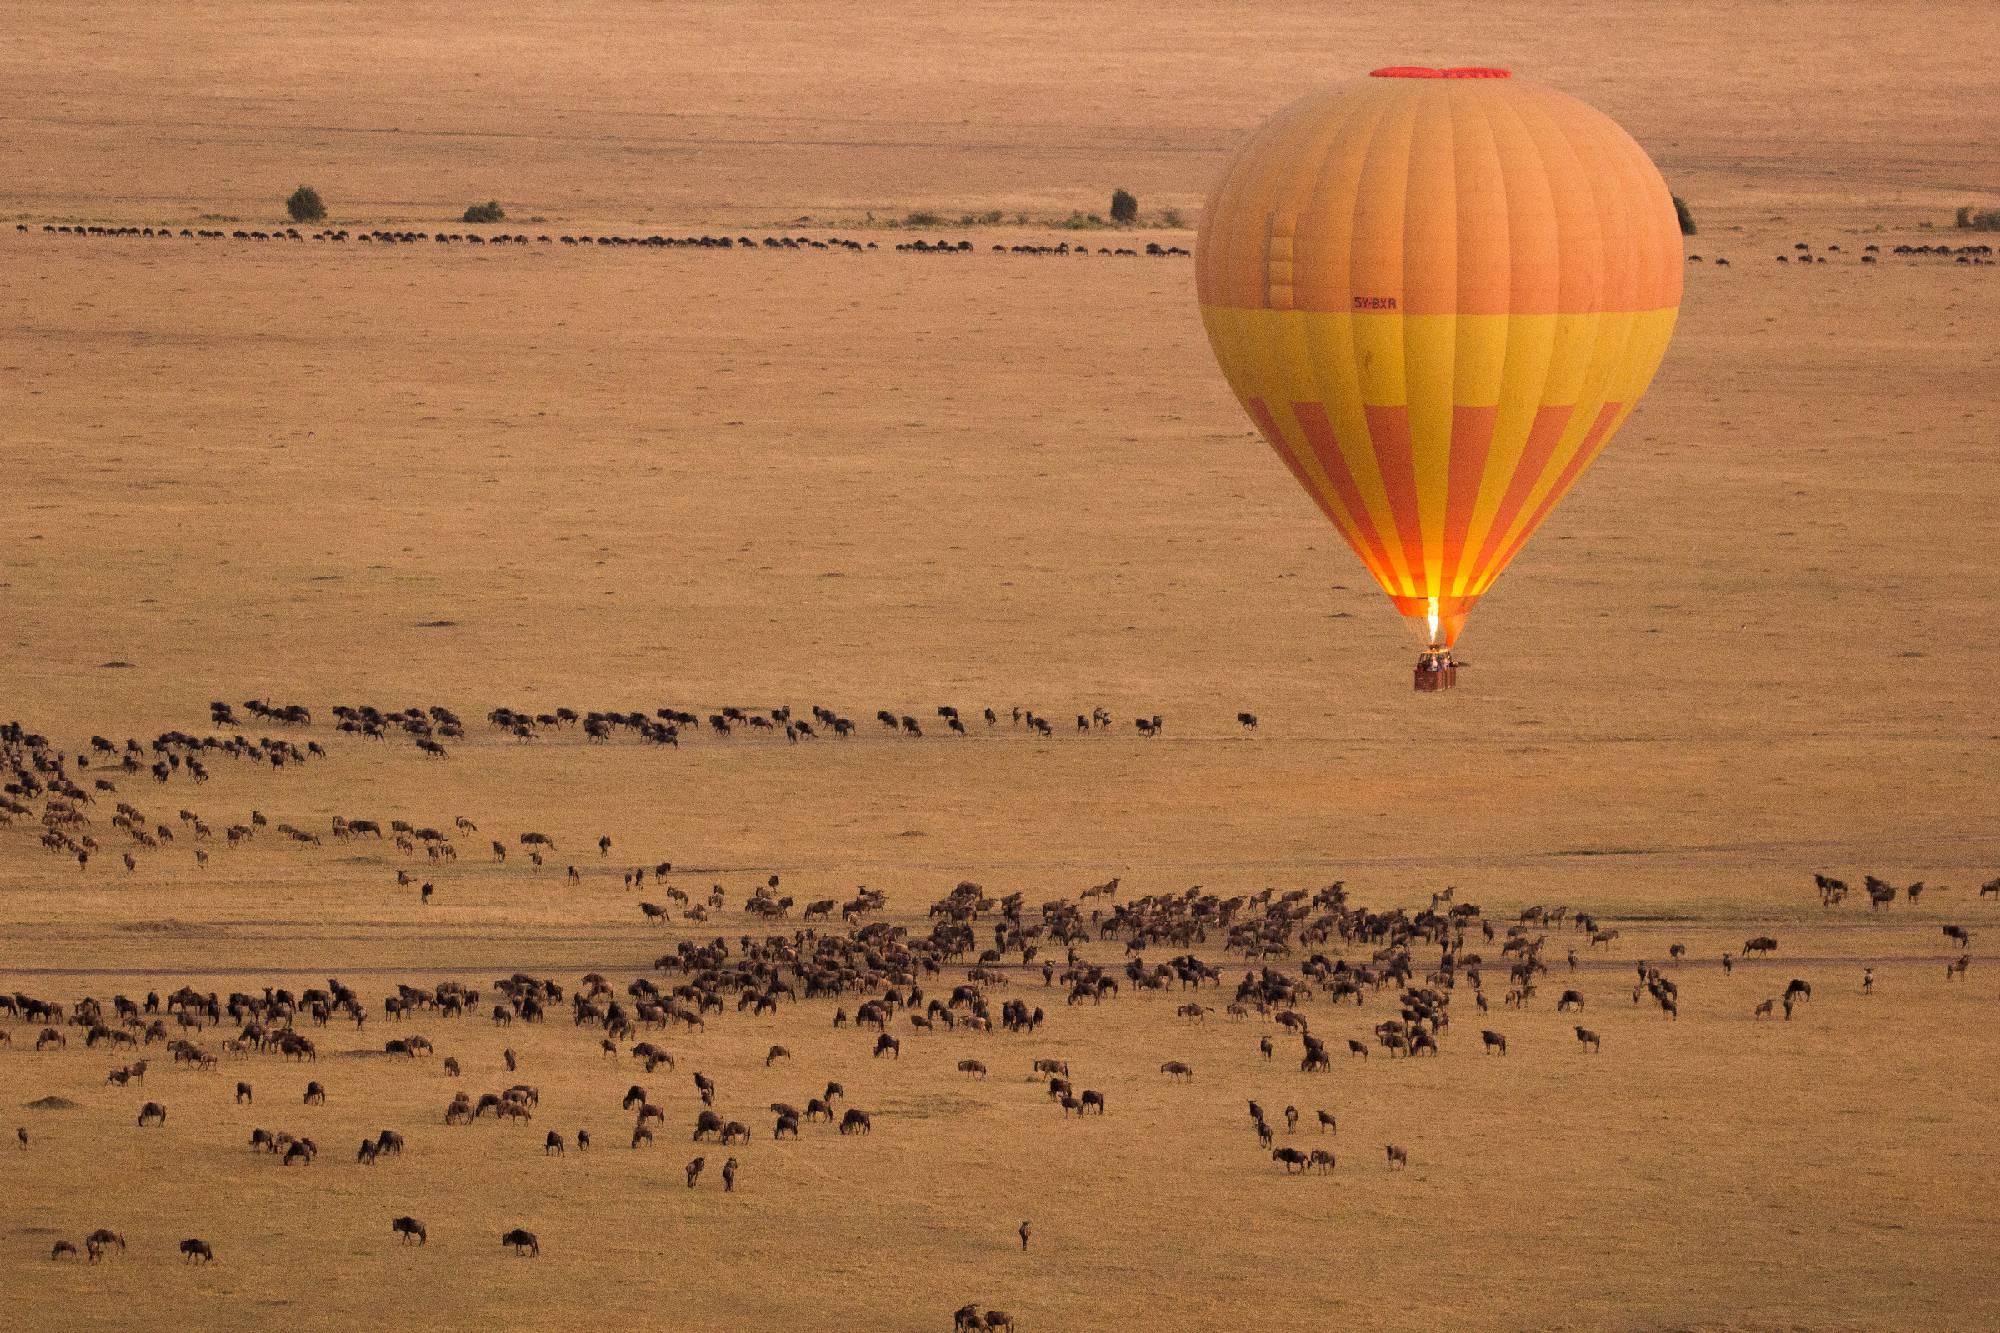 3x2 Serengeti Balloon 2000x1333